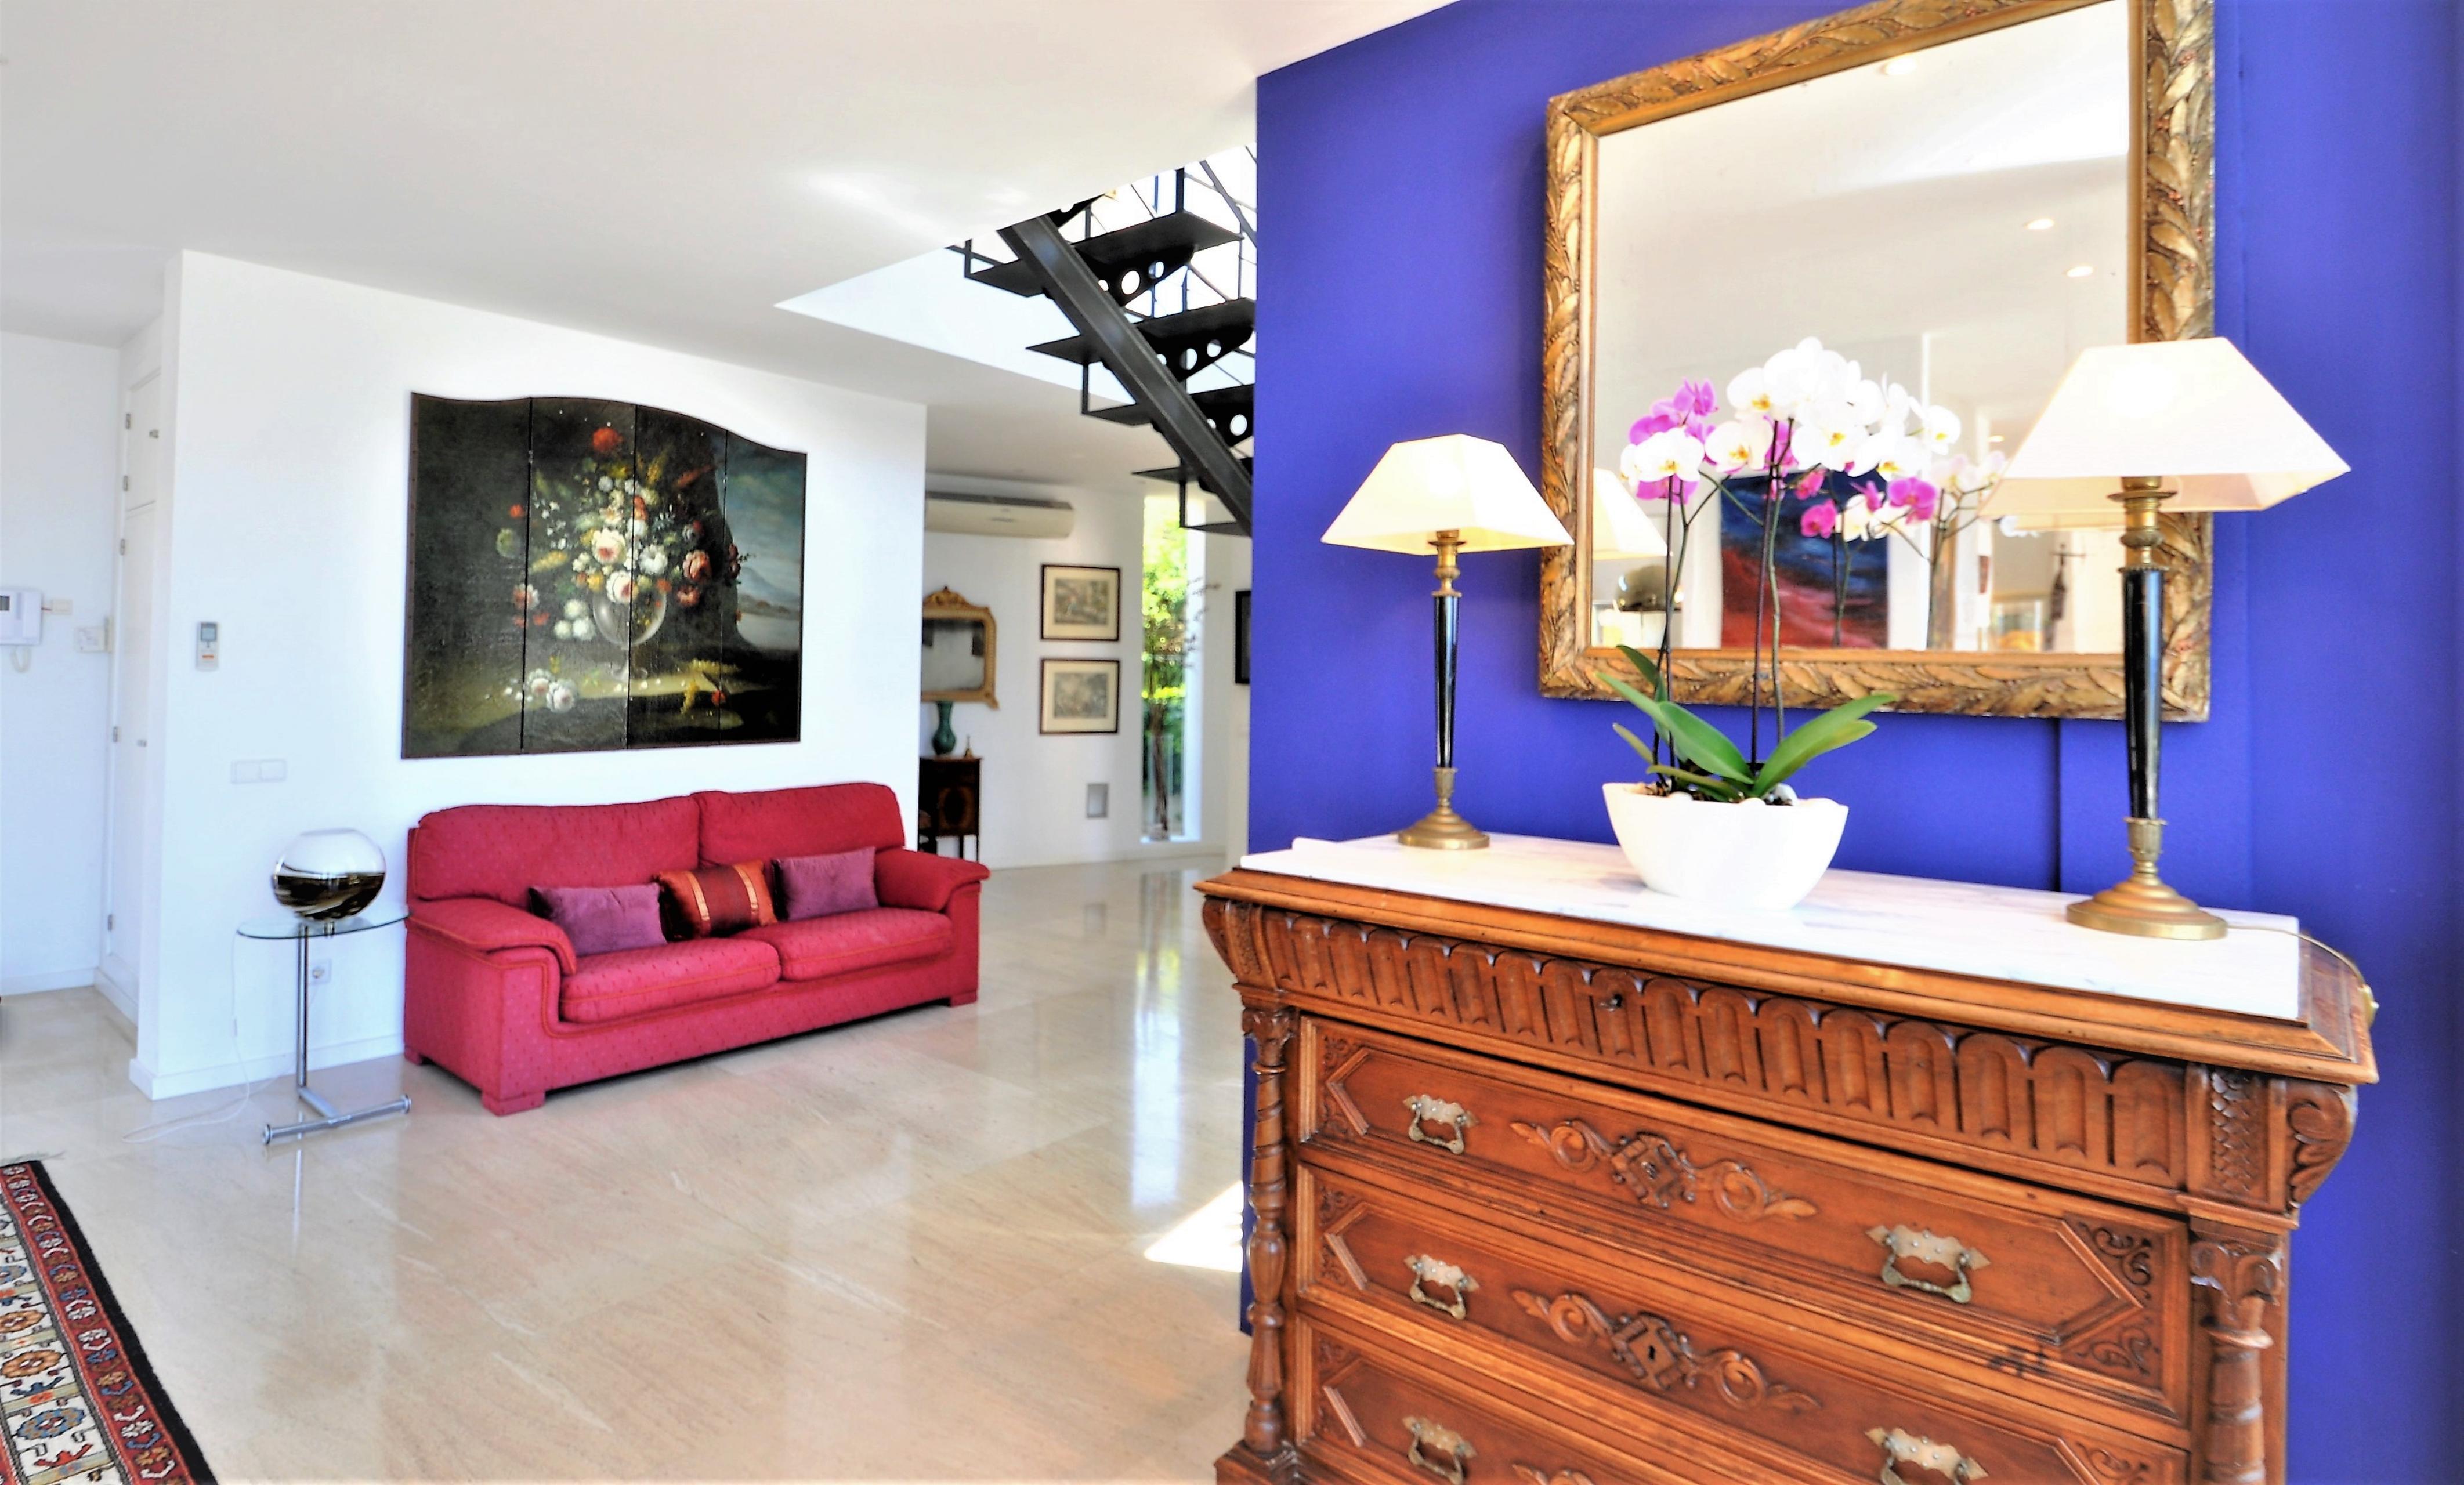 Maison de vacances VILLA BAY BLUE- Bahia Azul- Mallorca - VILLAONLINE - Kostenloses WLAN (2684052), Bahia Azul, Majorque, Iles Baléares, Espagne, image 24